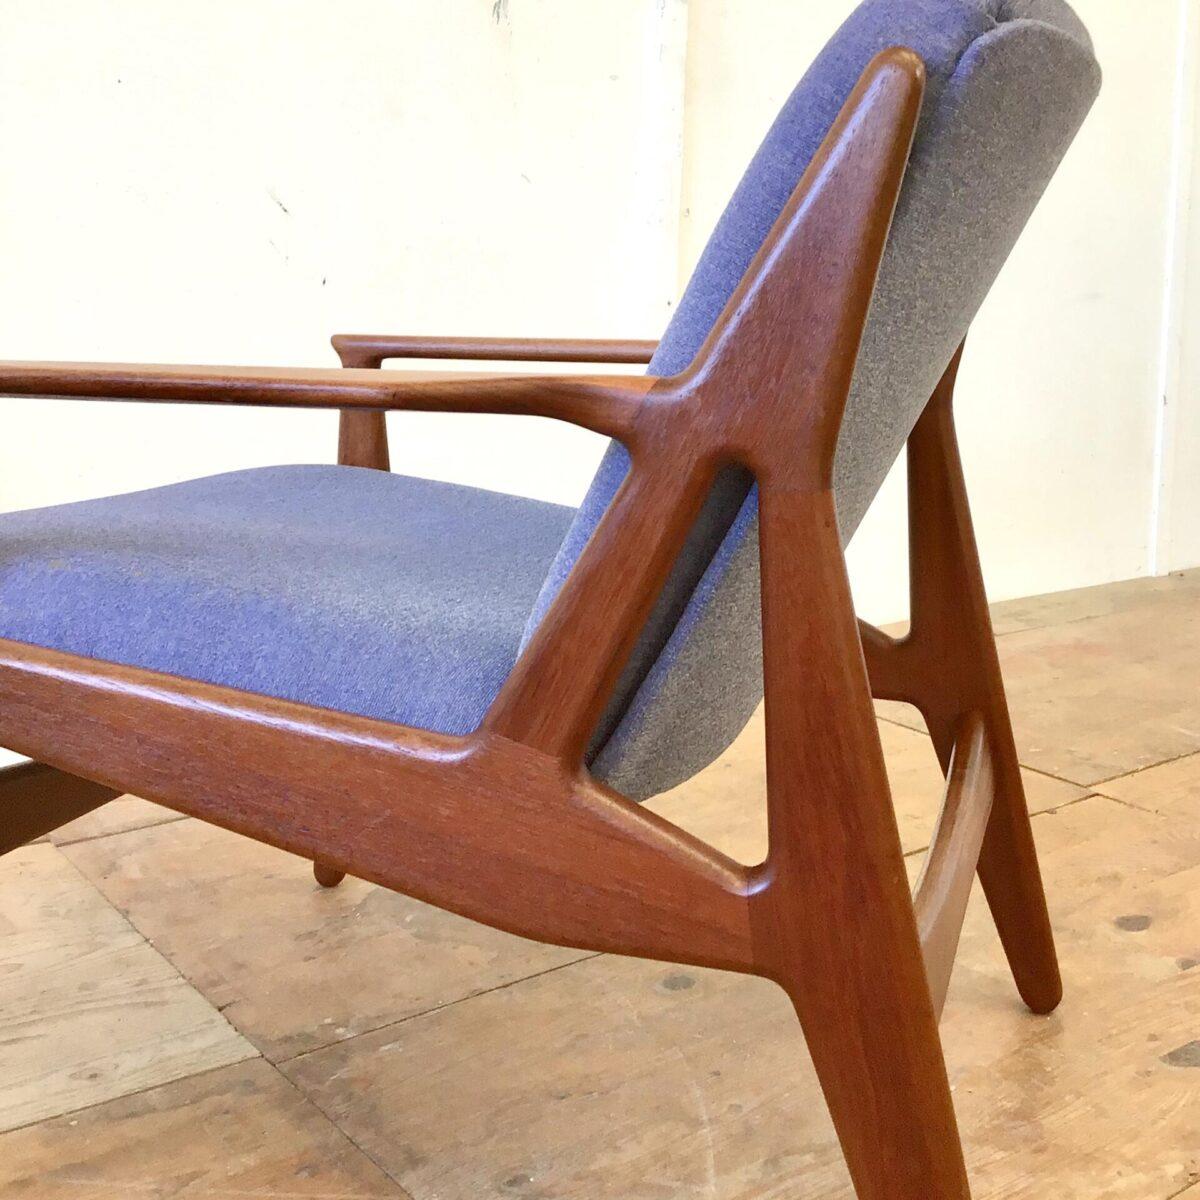 Midcentury Easy Chairs aus Teak. Das genaue Modell hab ich nicht gefunden, dürften von Arne Vodder sein. Die Sessel sind in gutem gepflegten Zustand, der Stoffbezug hat ein paar minimale kleine Flecken. Preis für das Set.